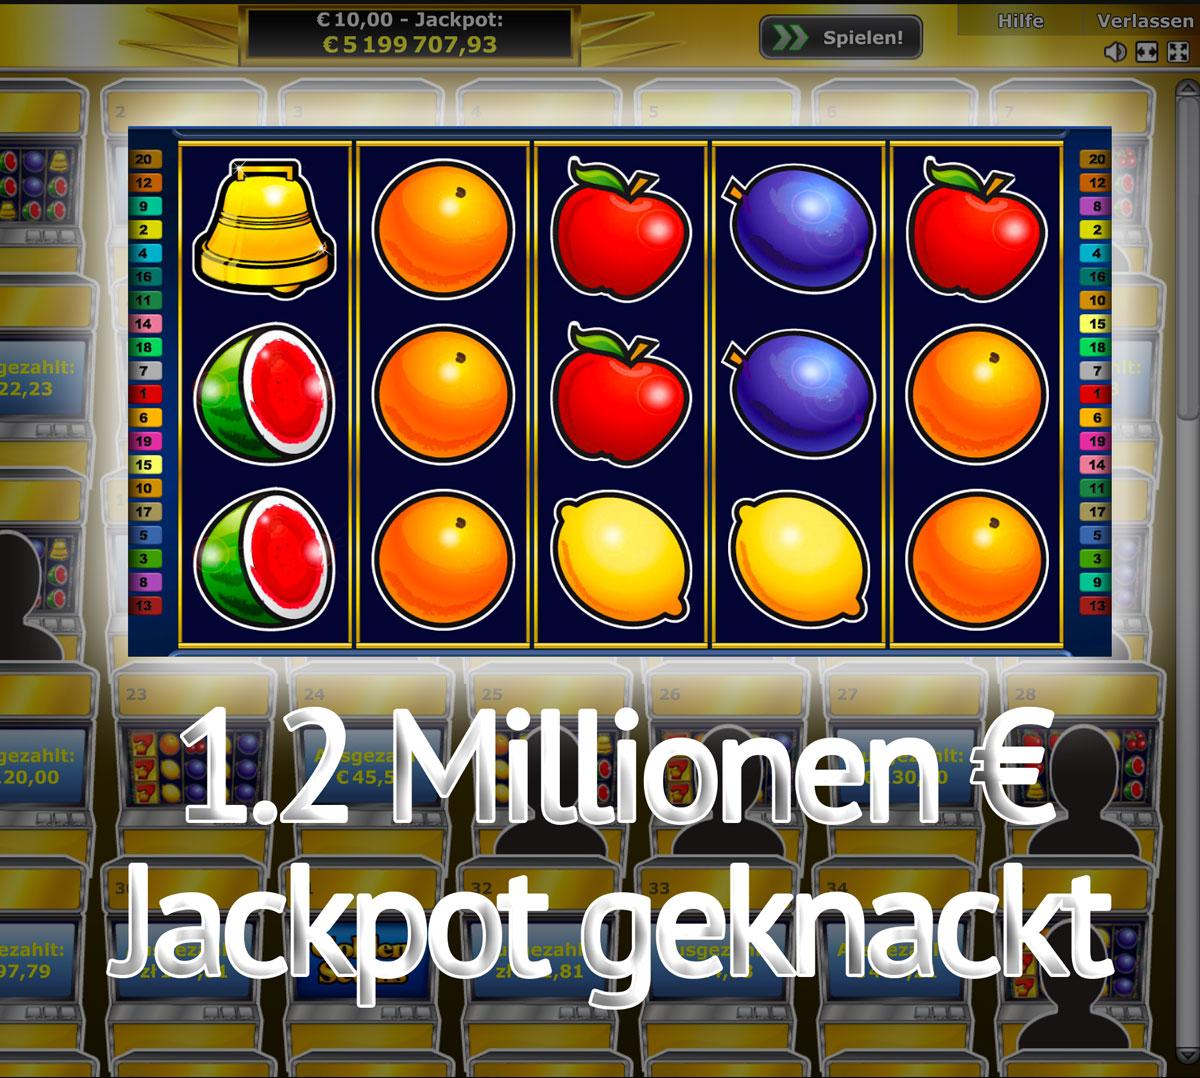 golden online casino jackpot online